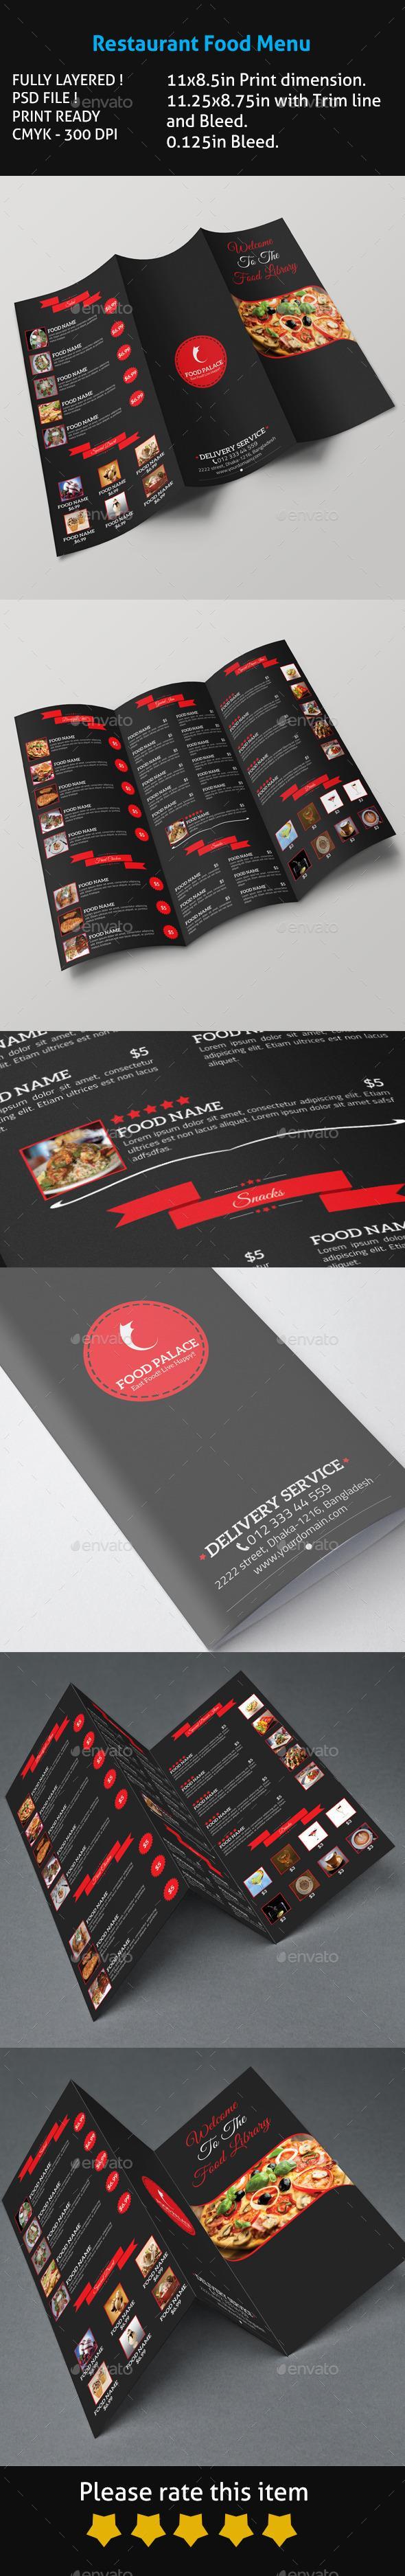 Restaurant Food Menu | Diseño de menu, Pastelería y Café